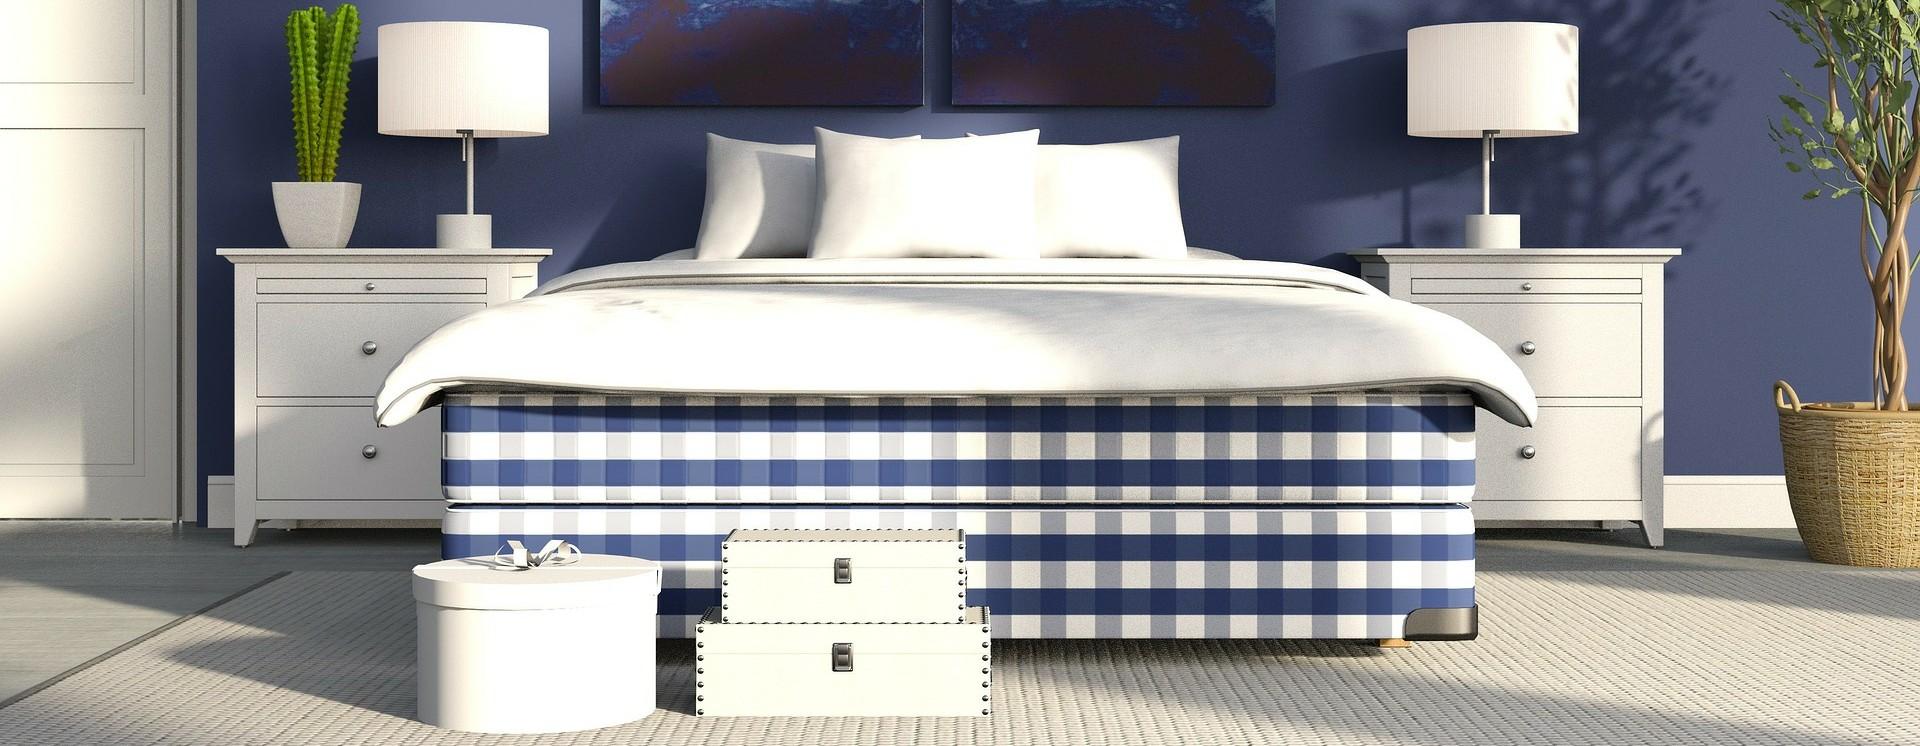 Günstiges Bett Gute Betten Mit Lattenroste Und Matratzen